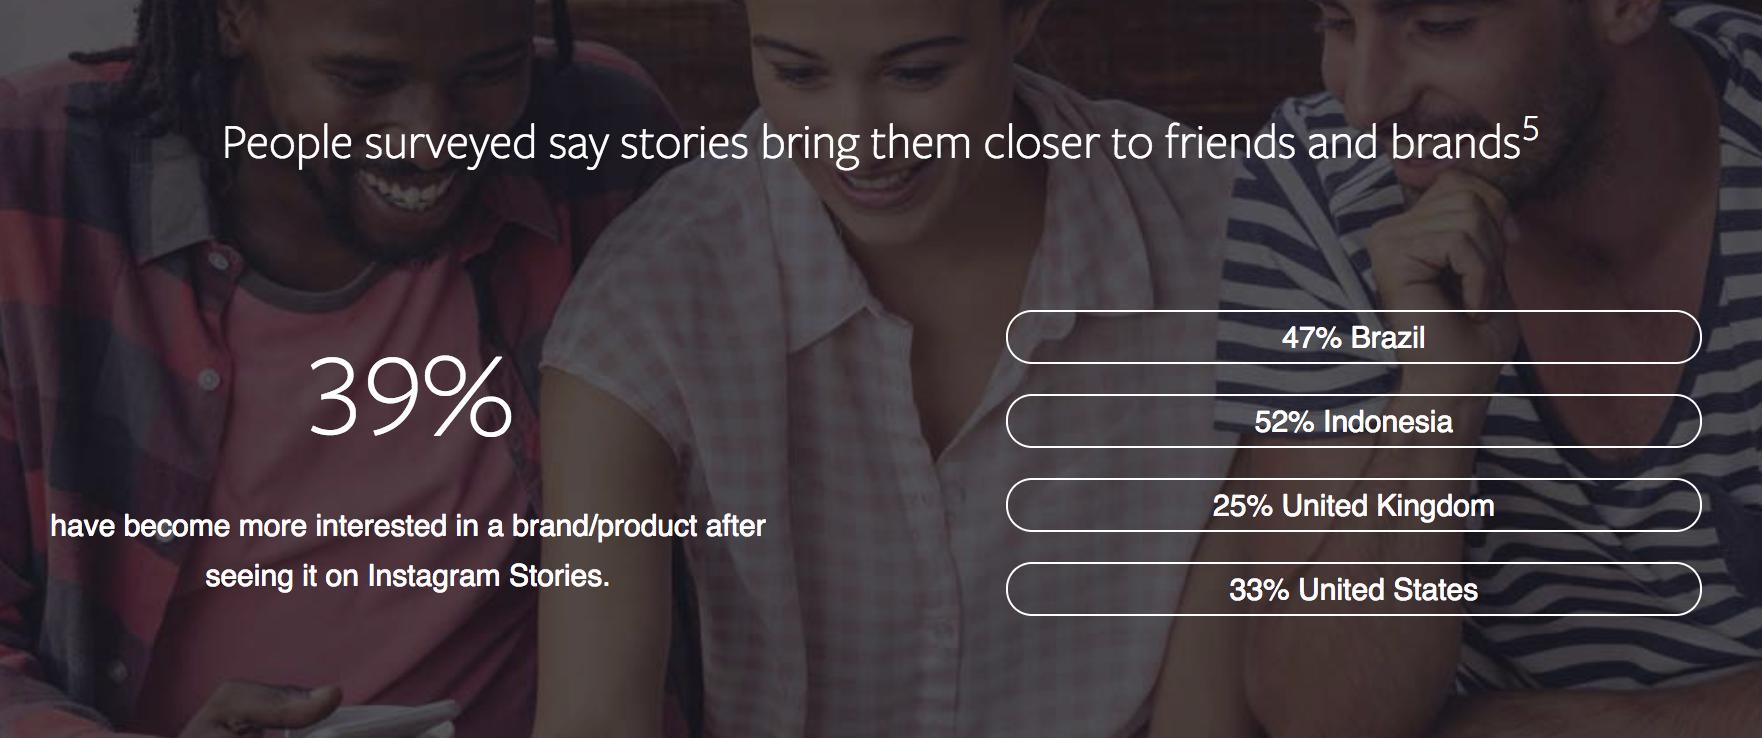 ผลสำรวจ: ผู้บริโภคดูเนื้อหา Instagram feed และ stories ต่างกันอย่างไร